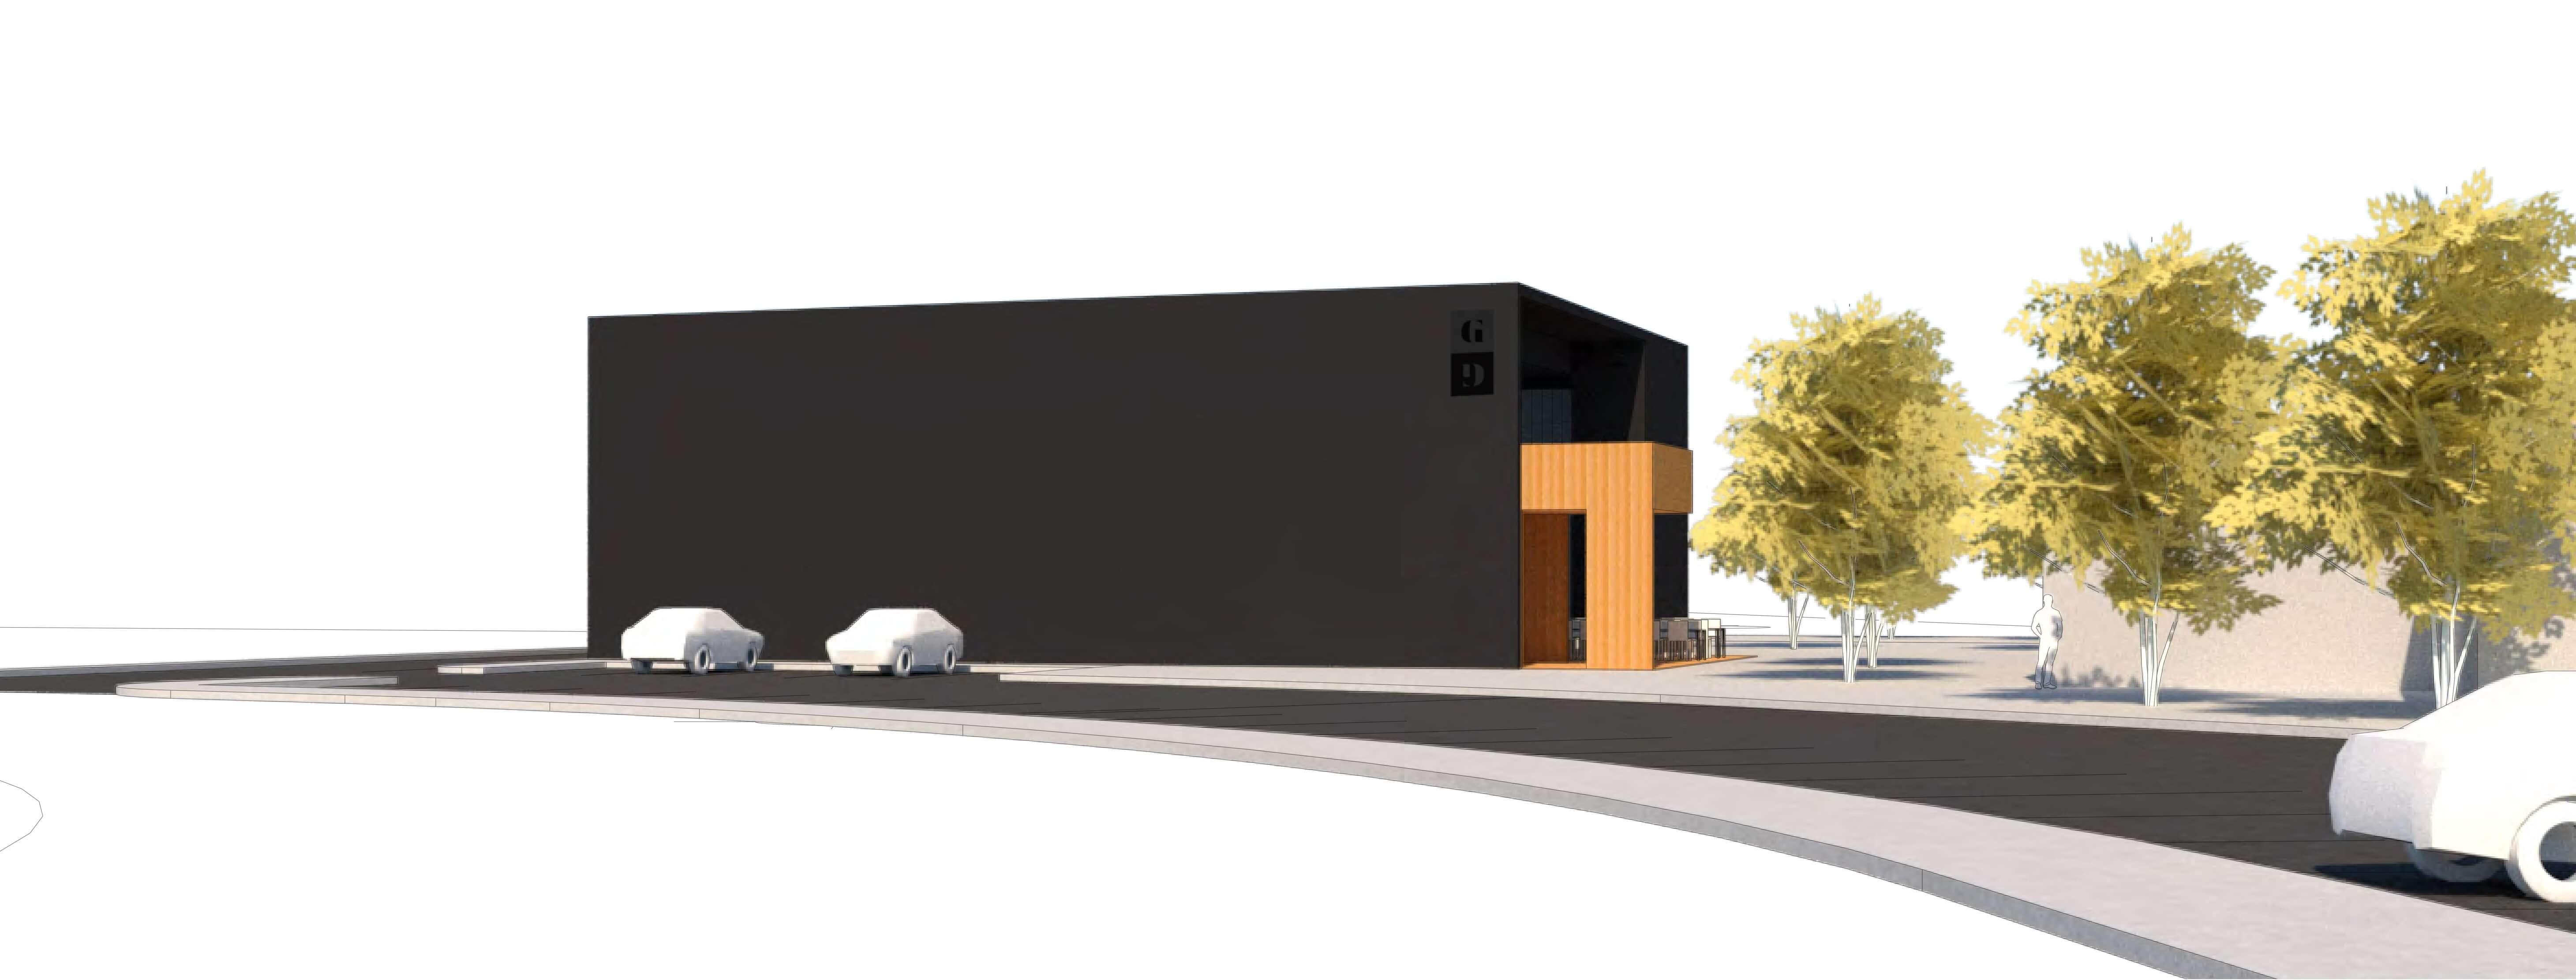 Une microdistillerie ouvrira ses portes à Saint-Jacques